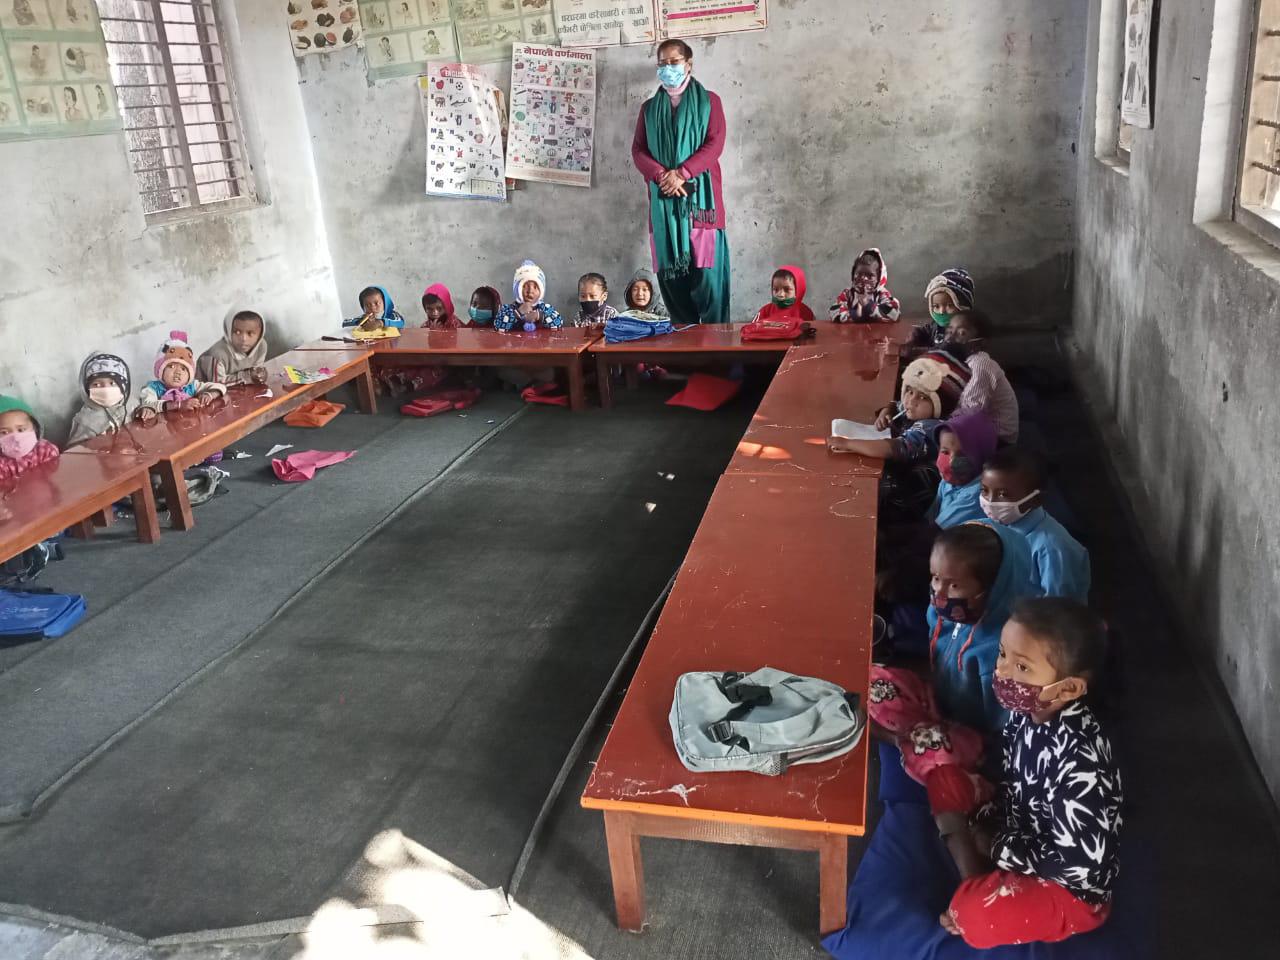 Classroom, Dec. 2020